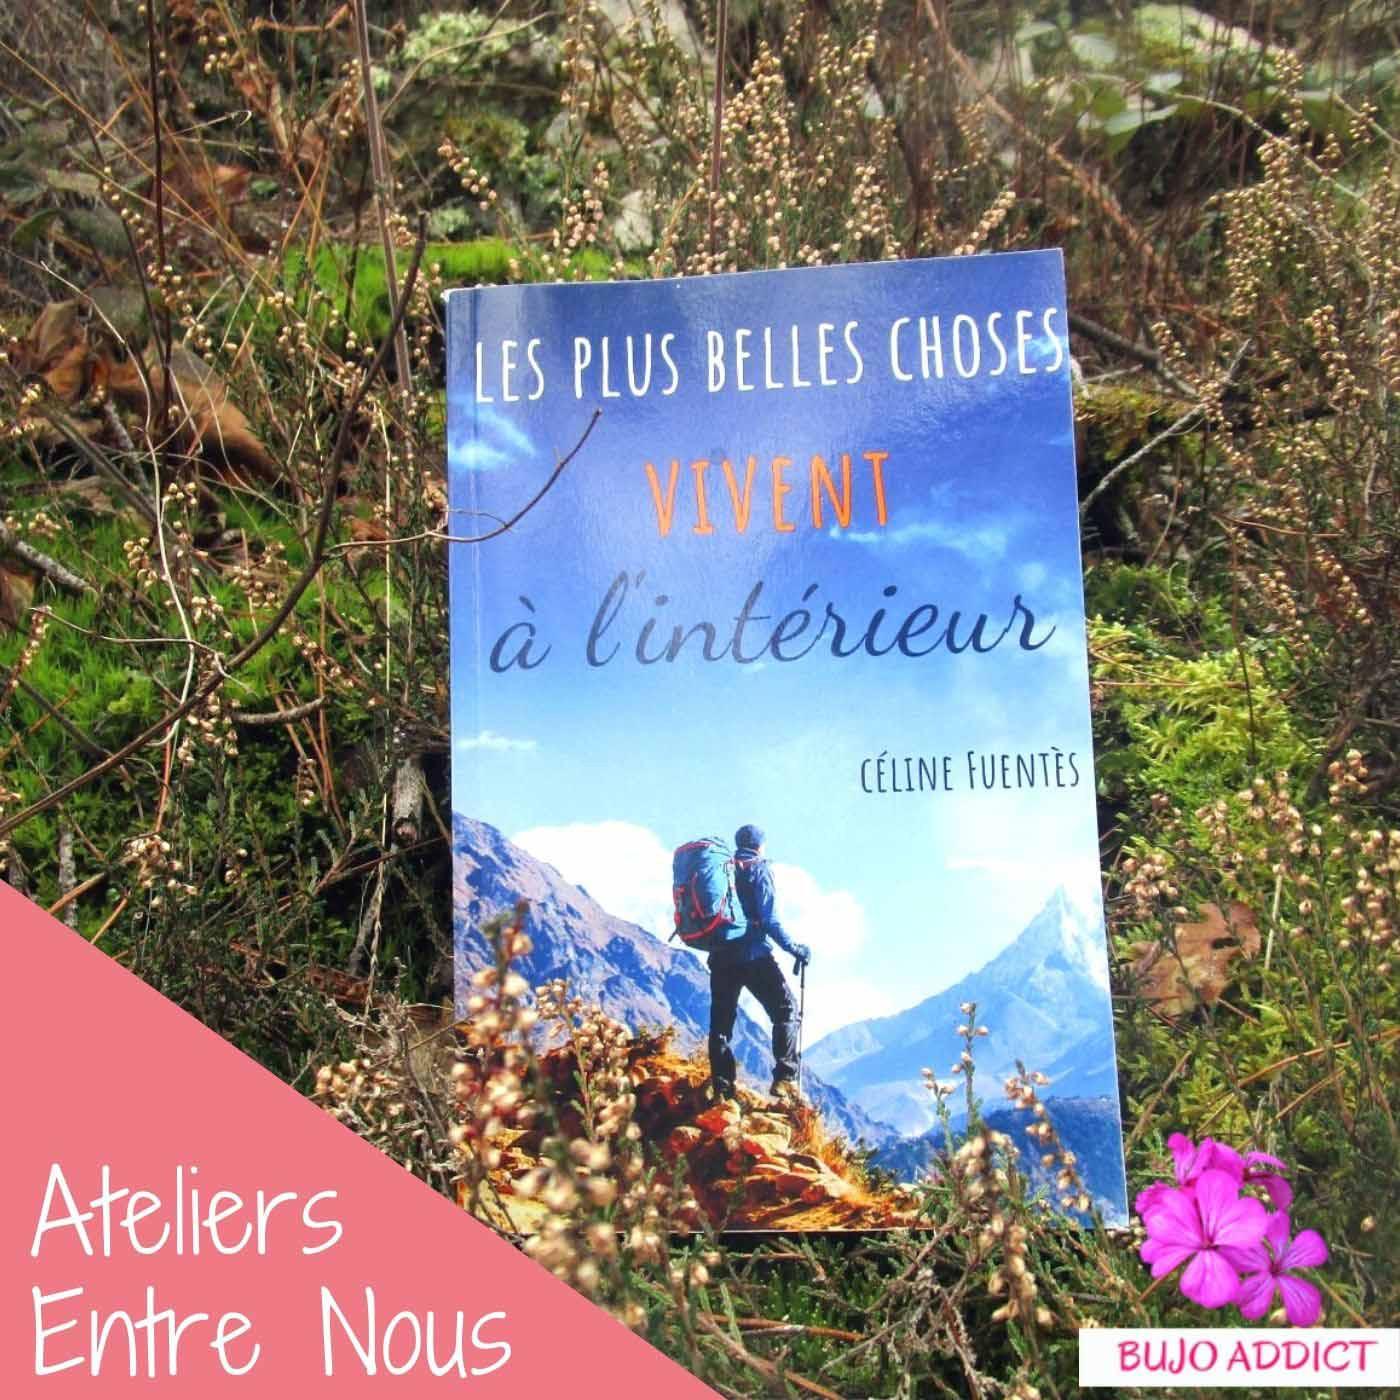 Les plus belles choses vivent à l'intérieur - Céline Fuentès